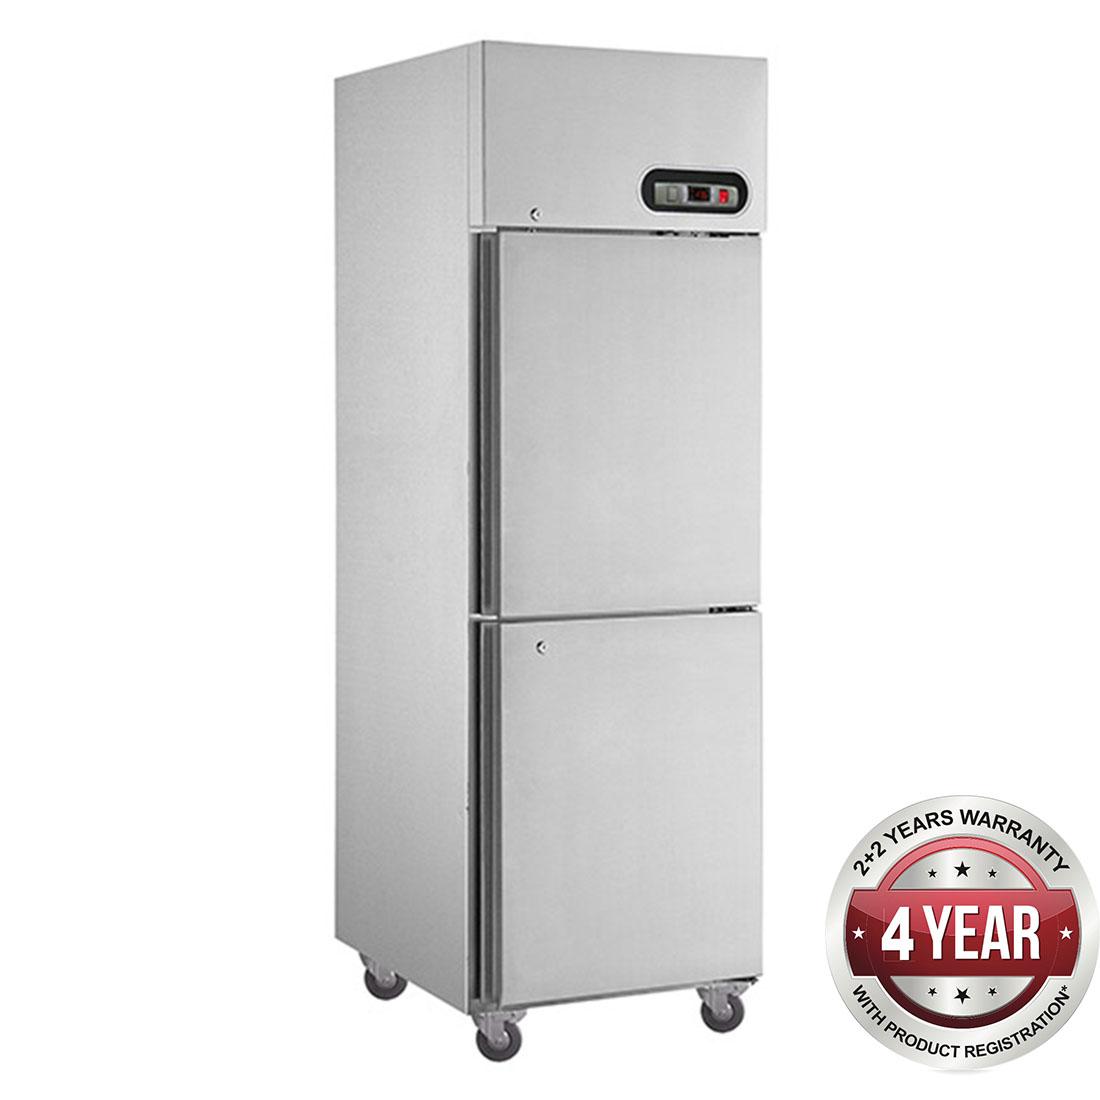 SUF500 TROPICAL Thermaster 2 x ½ door SS Freezer